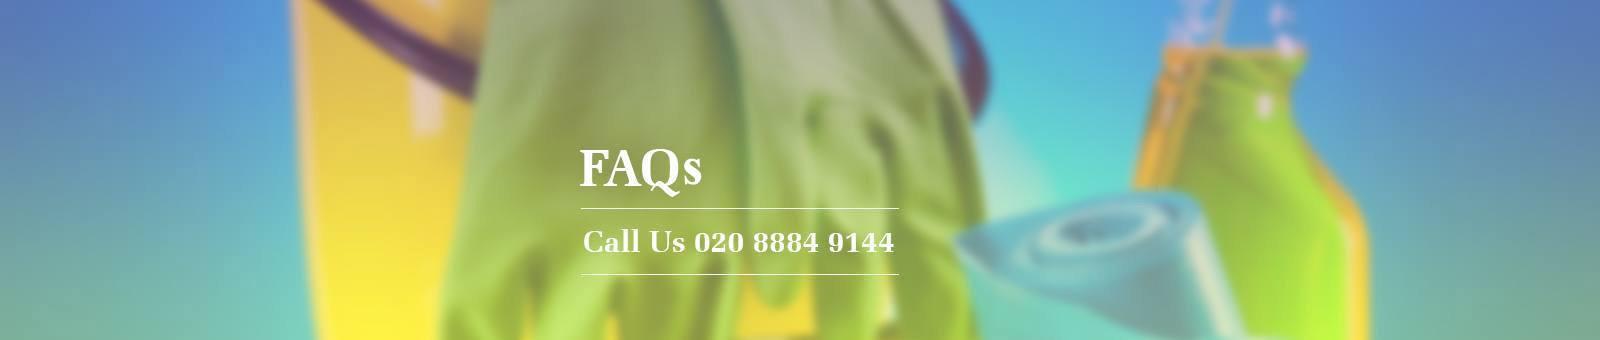 FAQs Slide